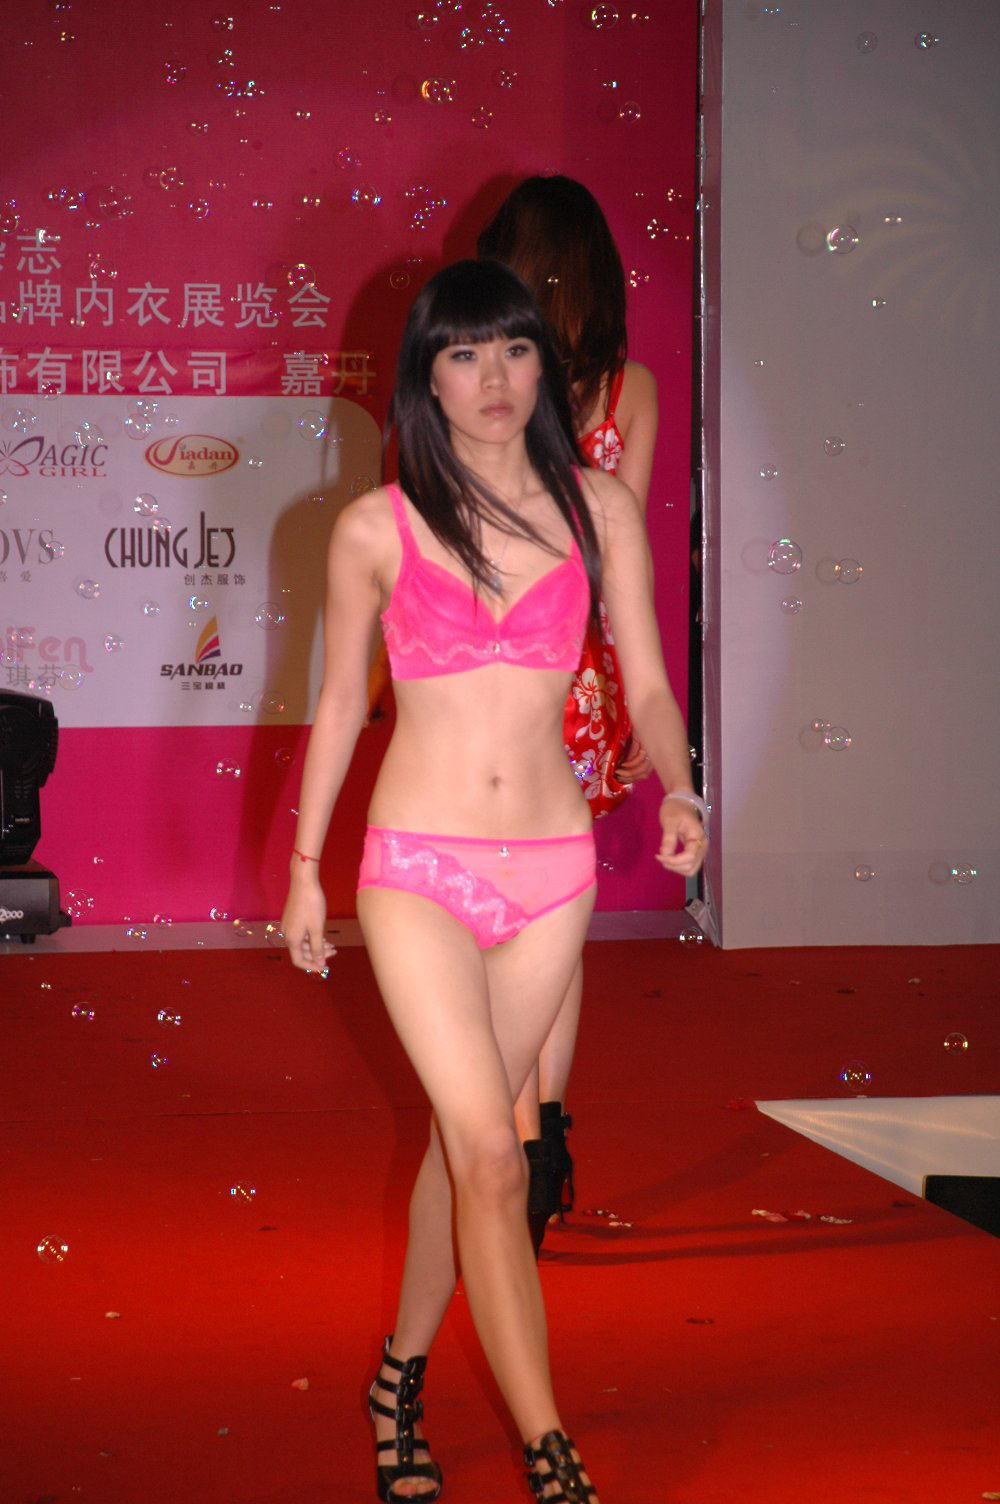 中国人美女の下着モデルのファッションショー…マン毛透けてるのは気のせいだろうか?wwwww(画像あり)・16枚目の画像